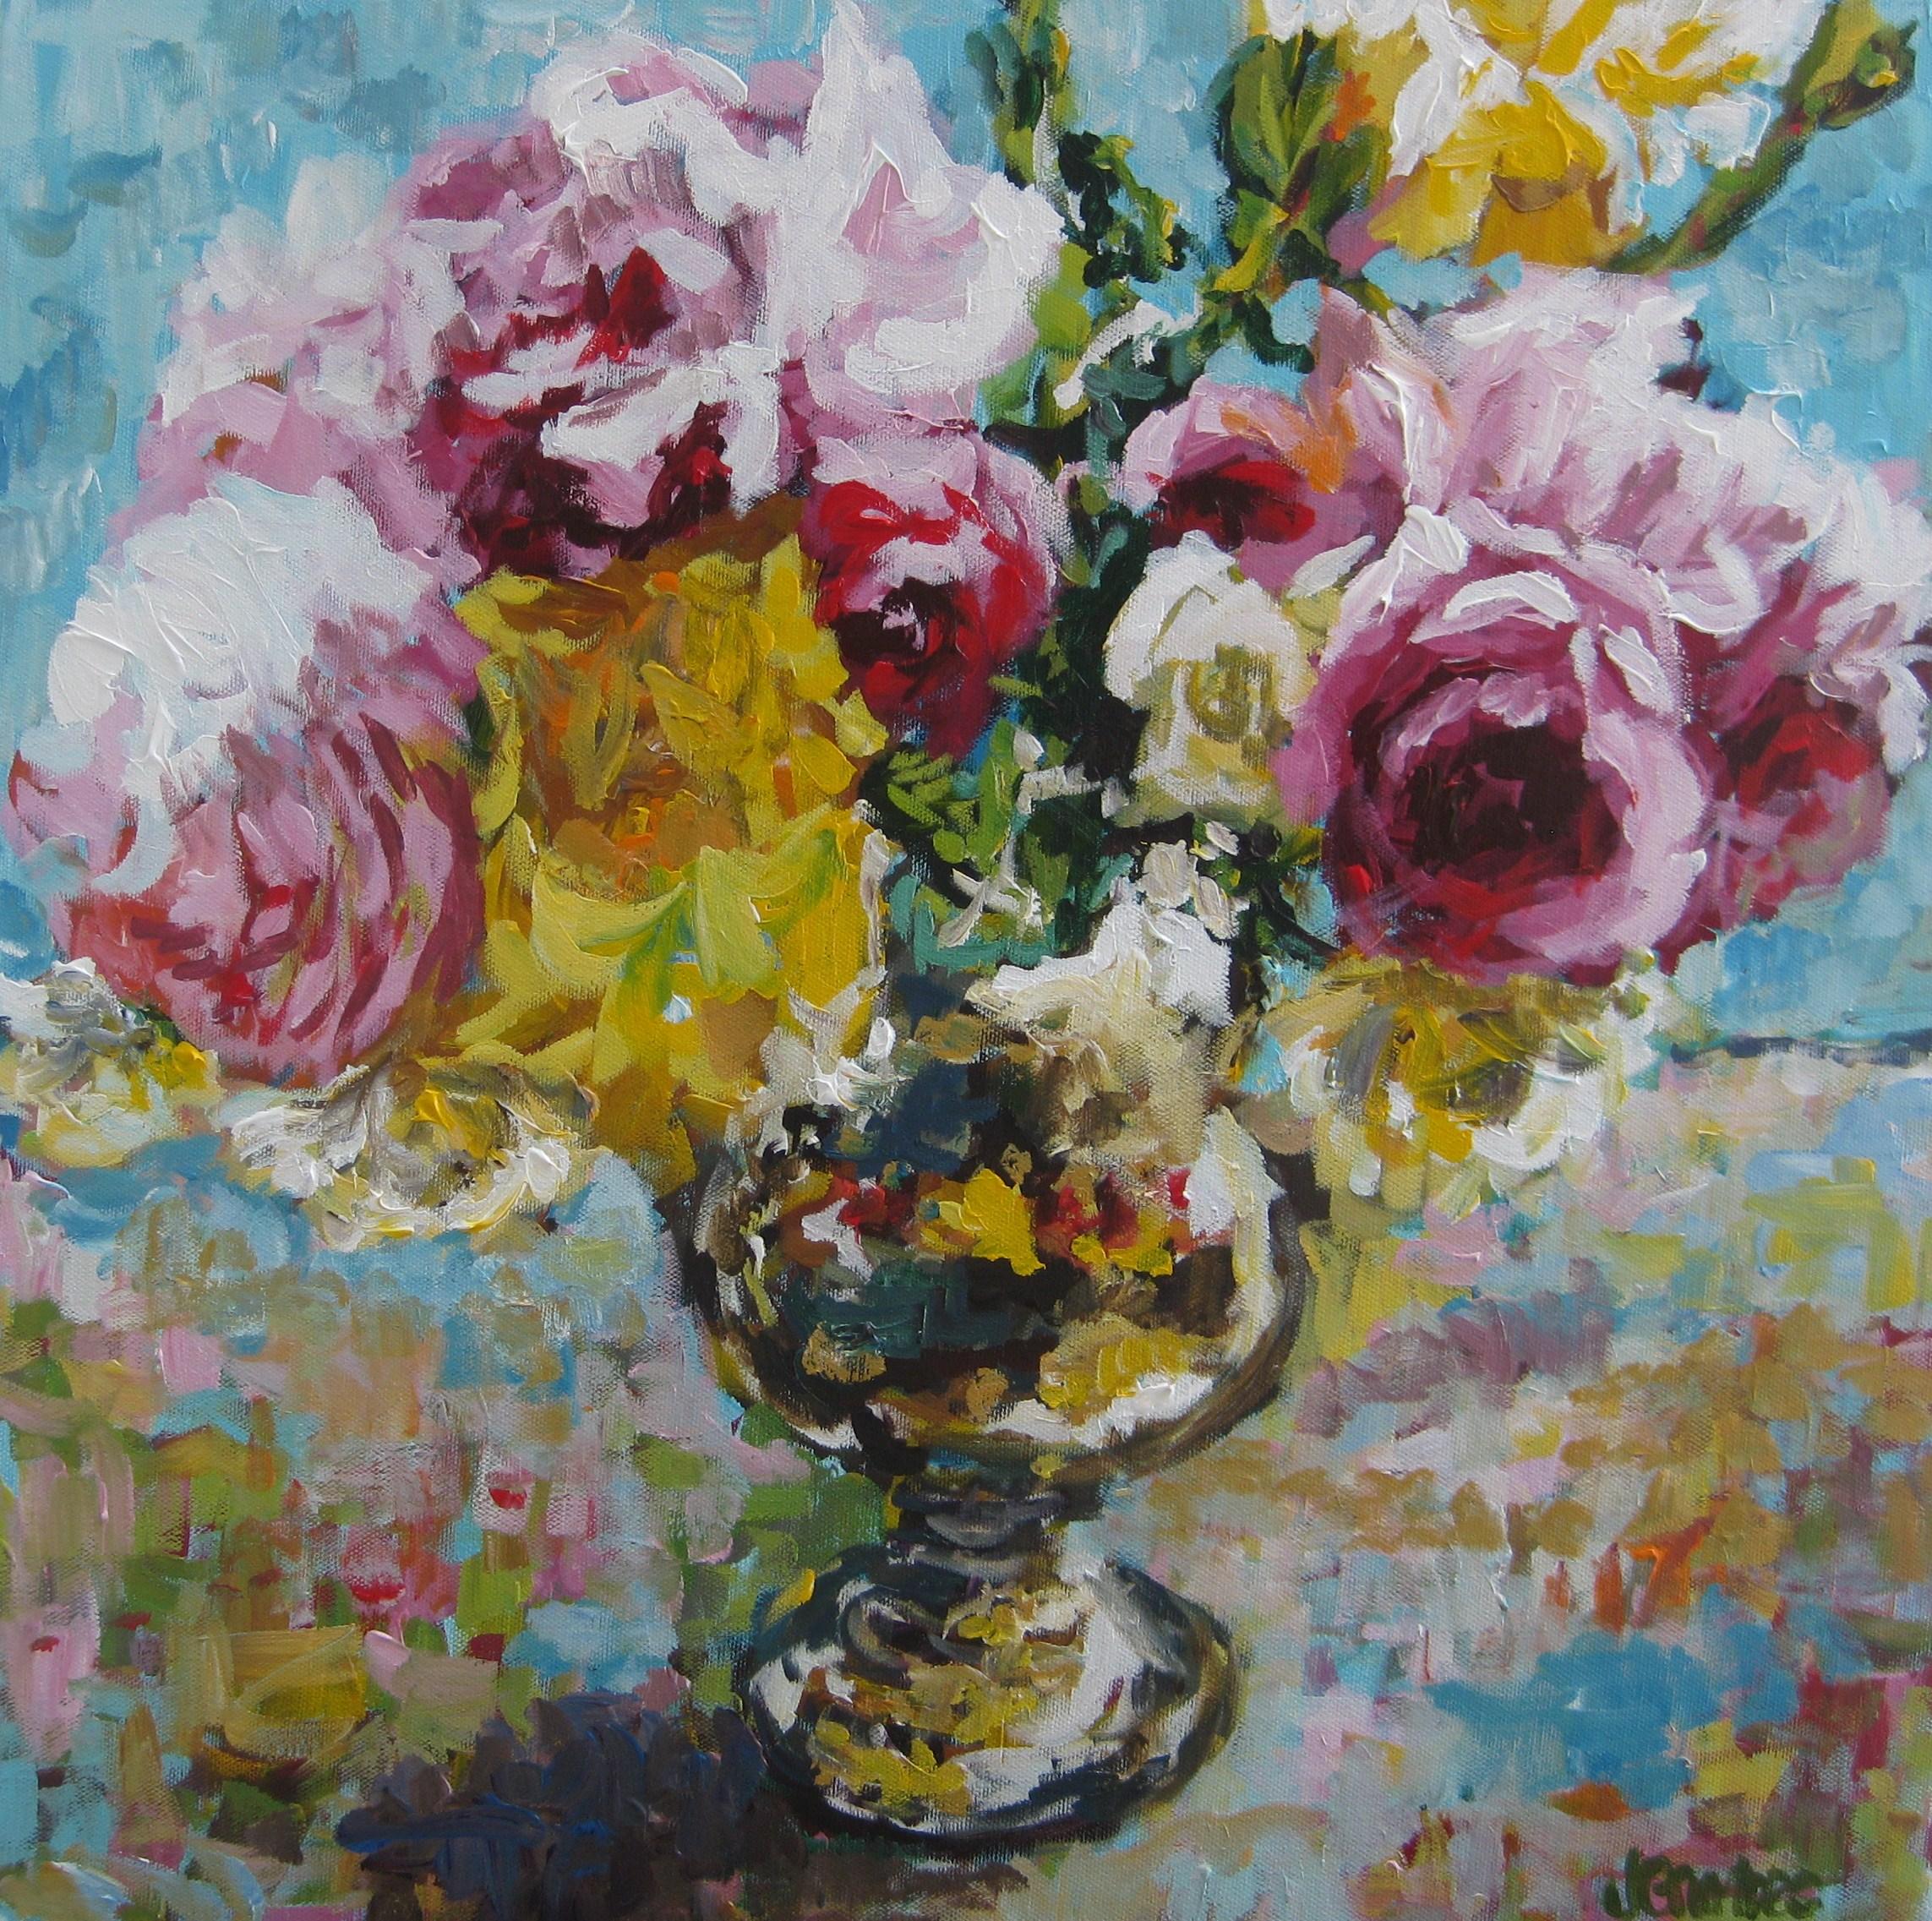 Floral Still 20x20